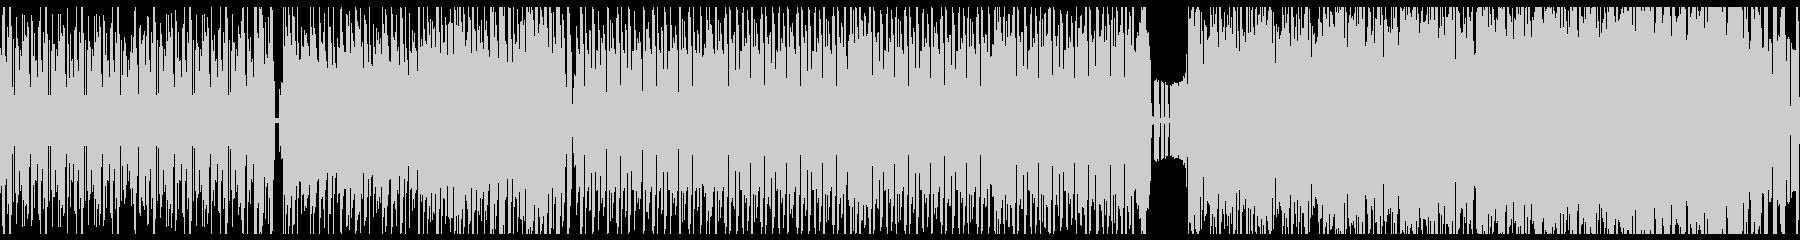 ハイテンポなサイケデリックトランス風の曲の未再生の波形